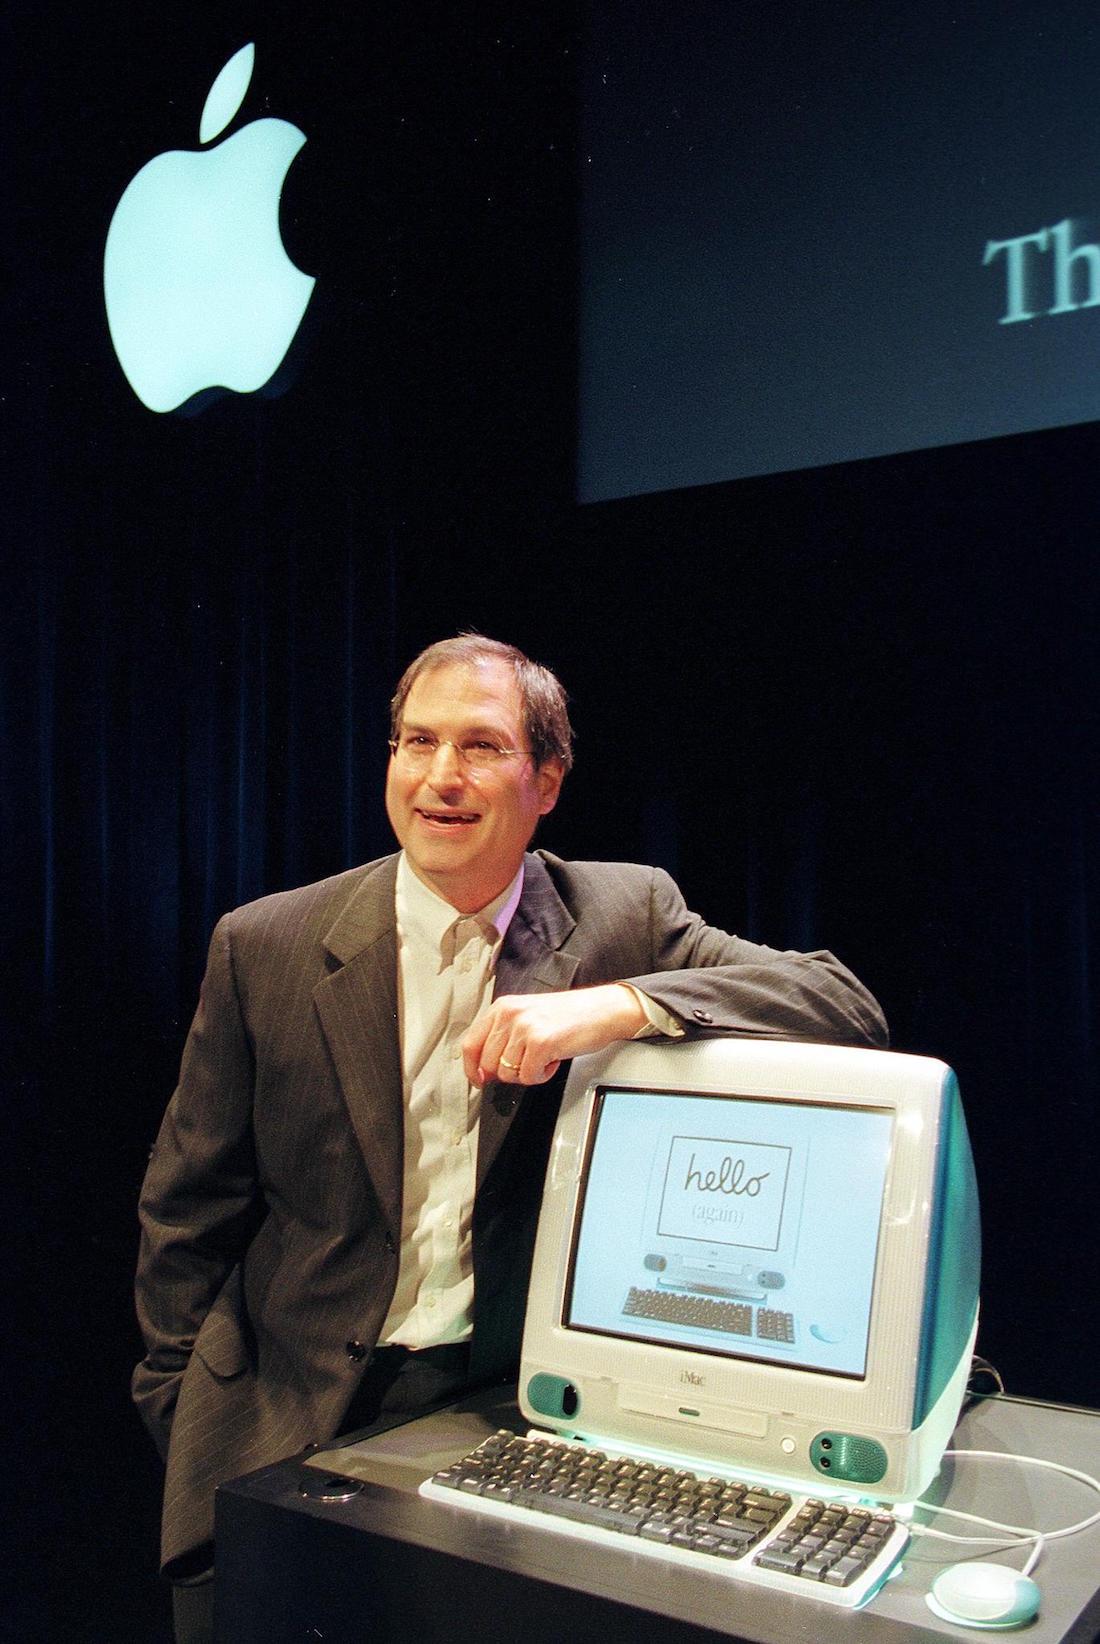 حرف «i» در ابتدای محصولات اپل از کجا آمد؟